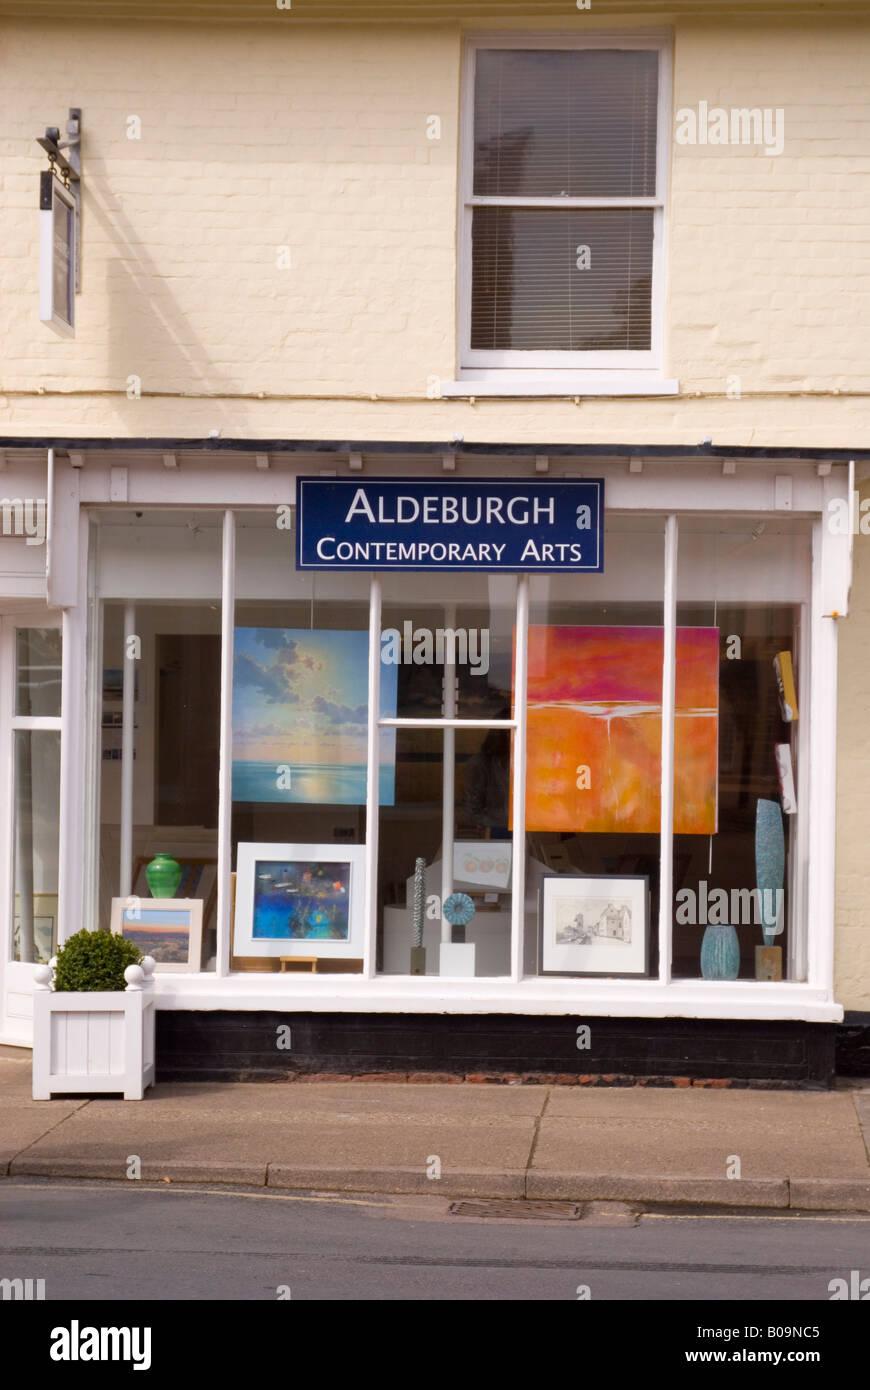 Art Shop At Aldeburgh,Suffolk,Uk - Stock Image